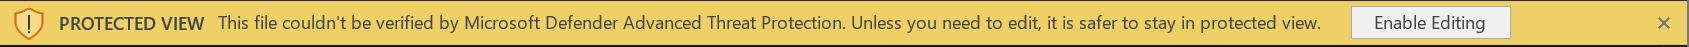 Skjermbilde av MDATP-forretningslinjen hvis det oppstår en feil under skanning av filen